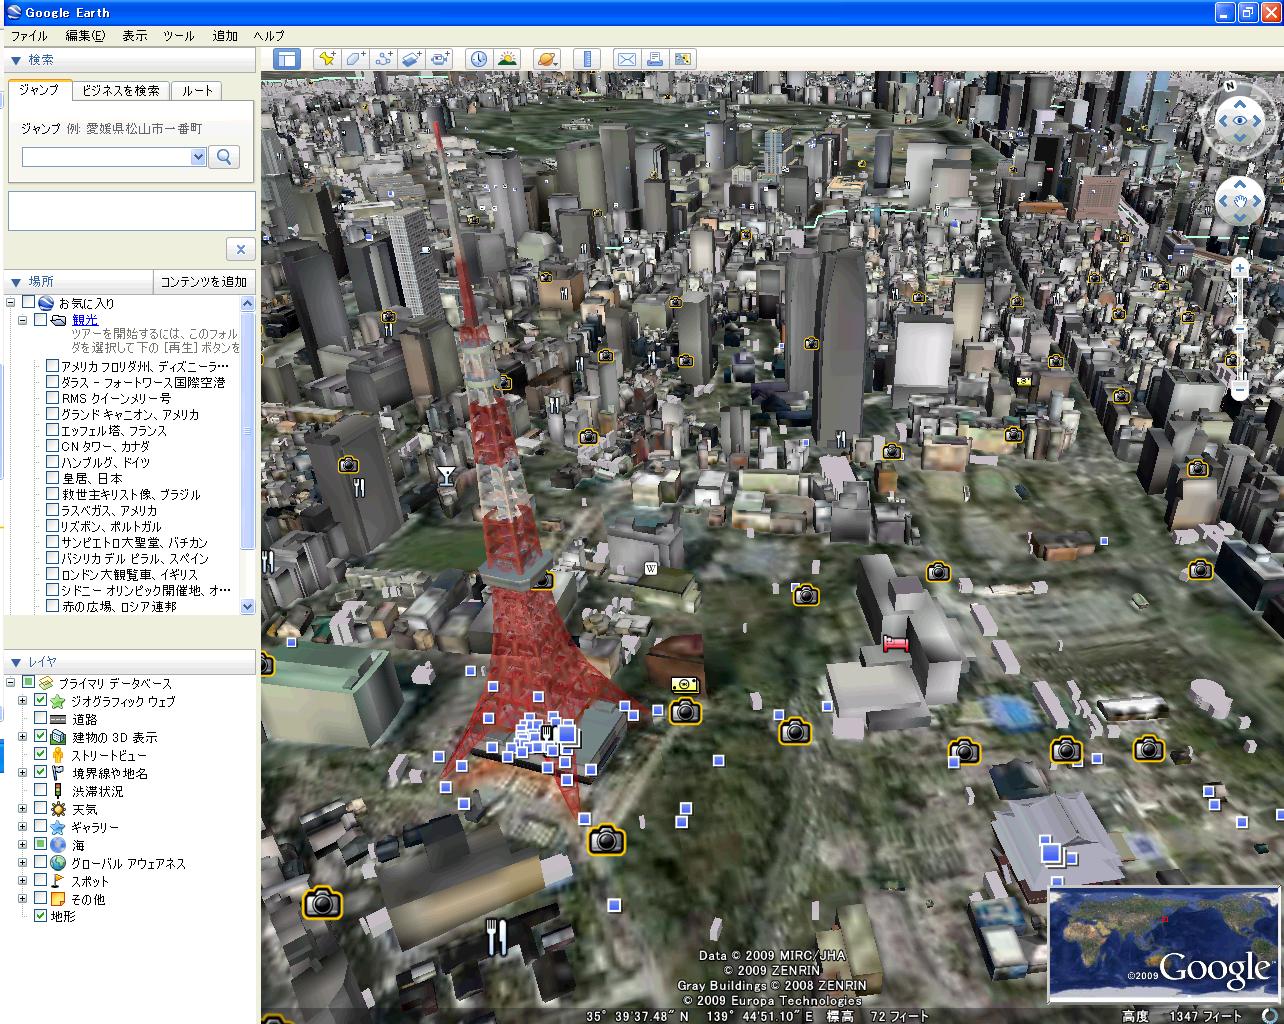 あなたのビルも数分でGoogle Earth向けに3Dモデル化